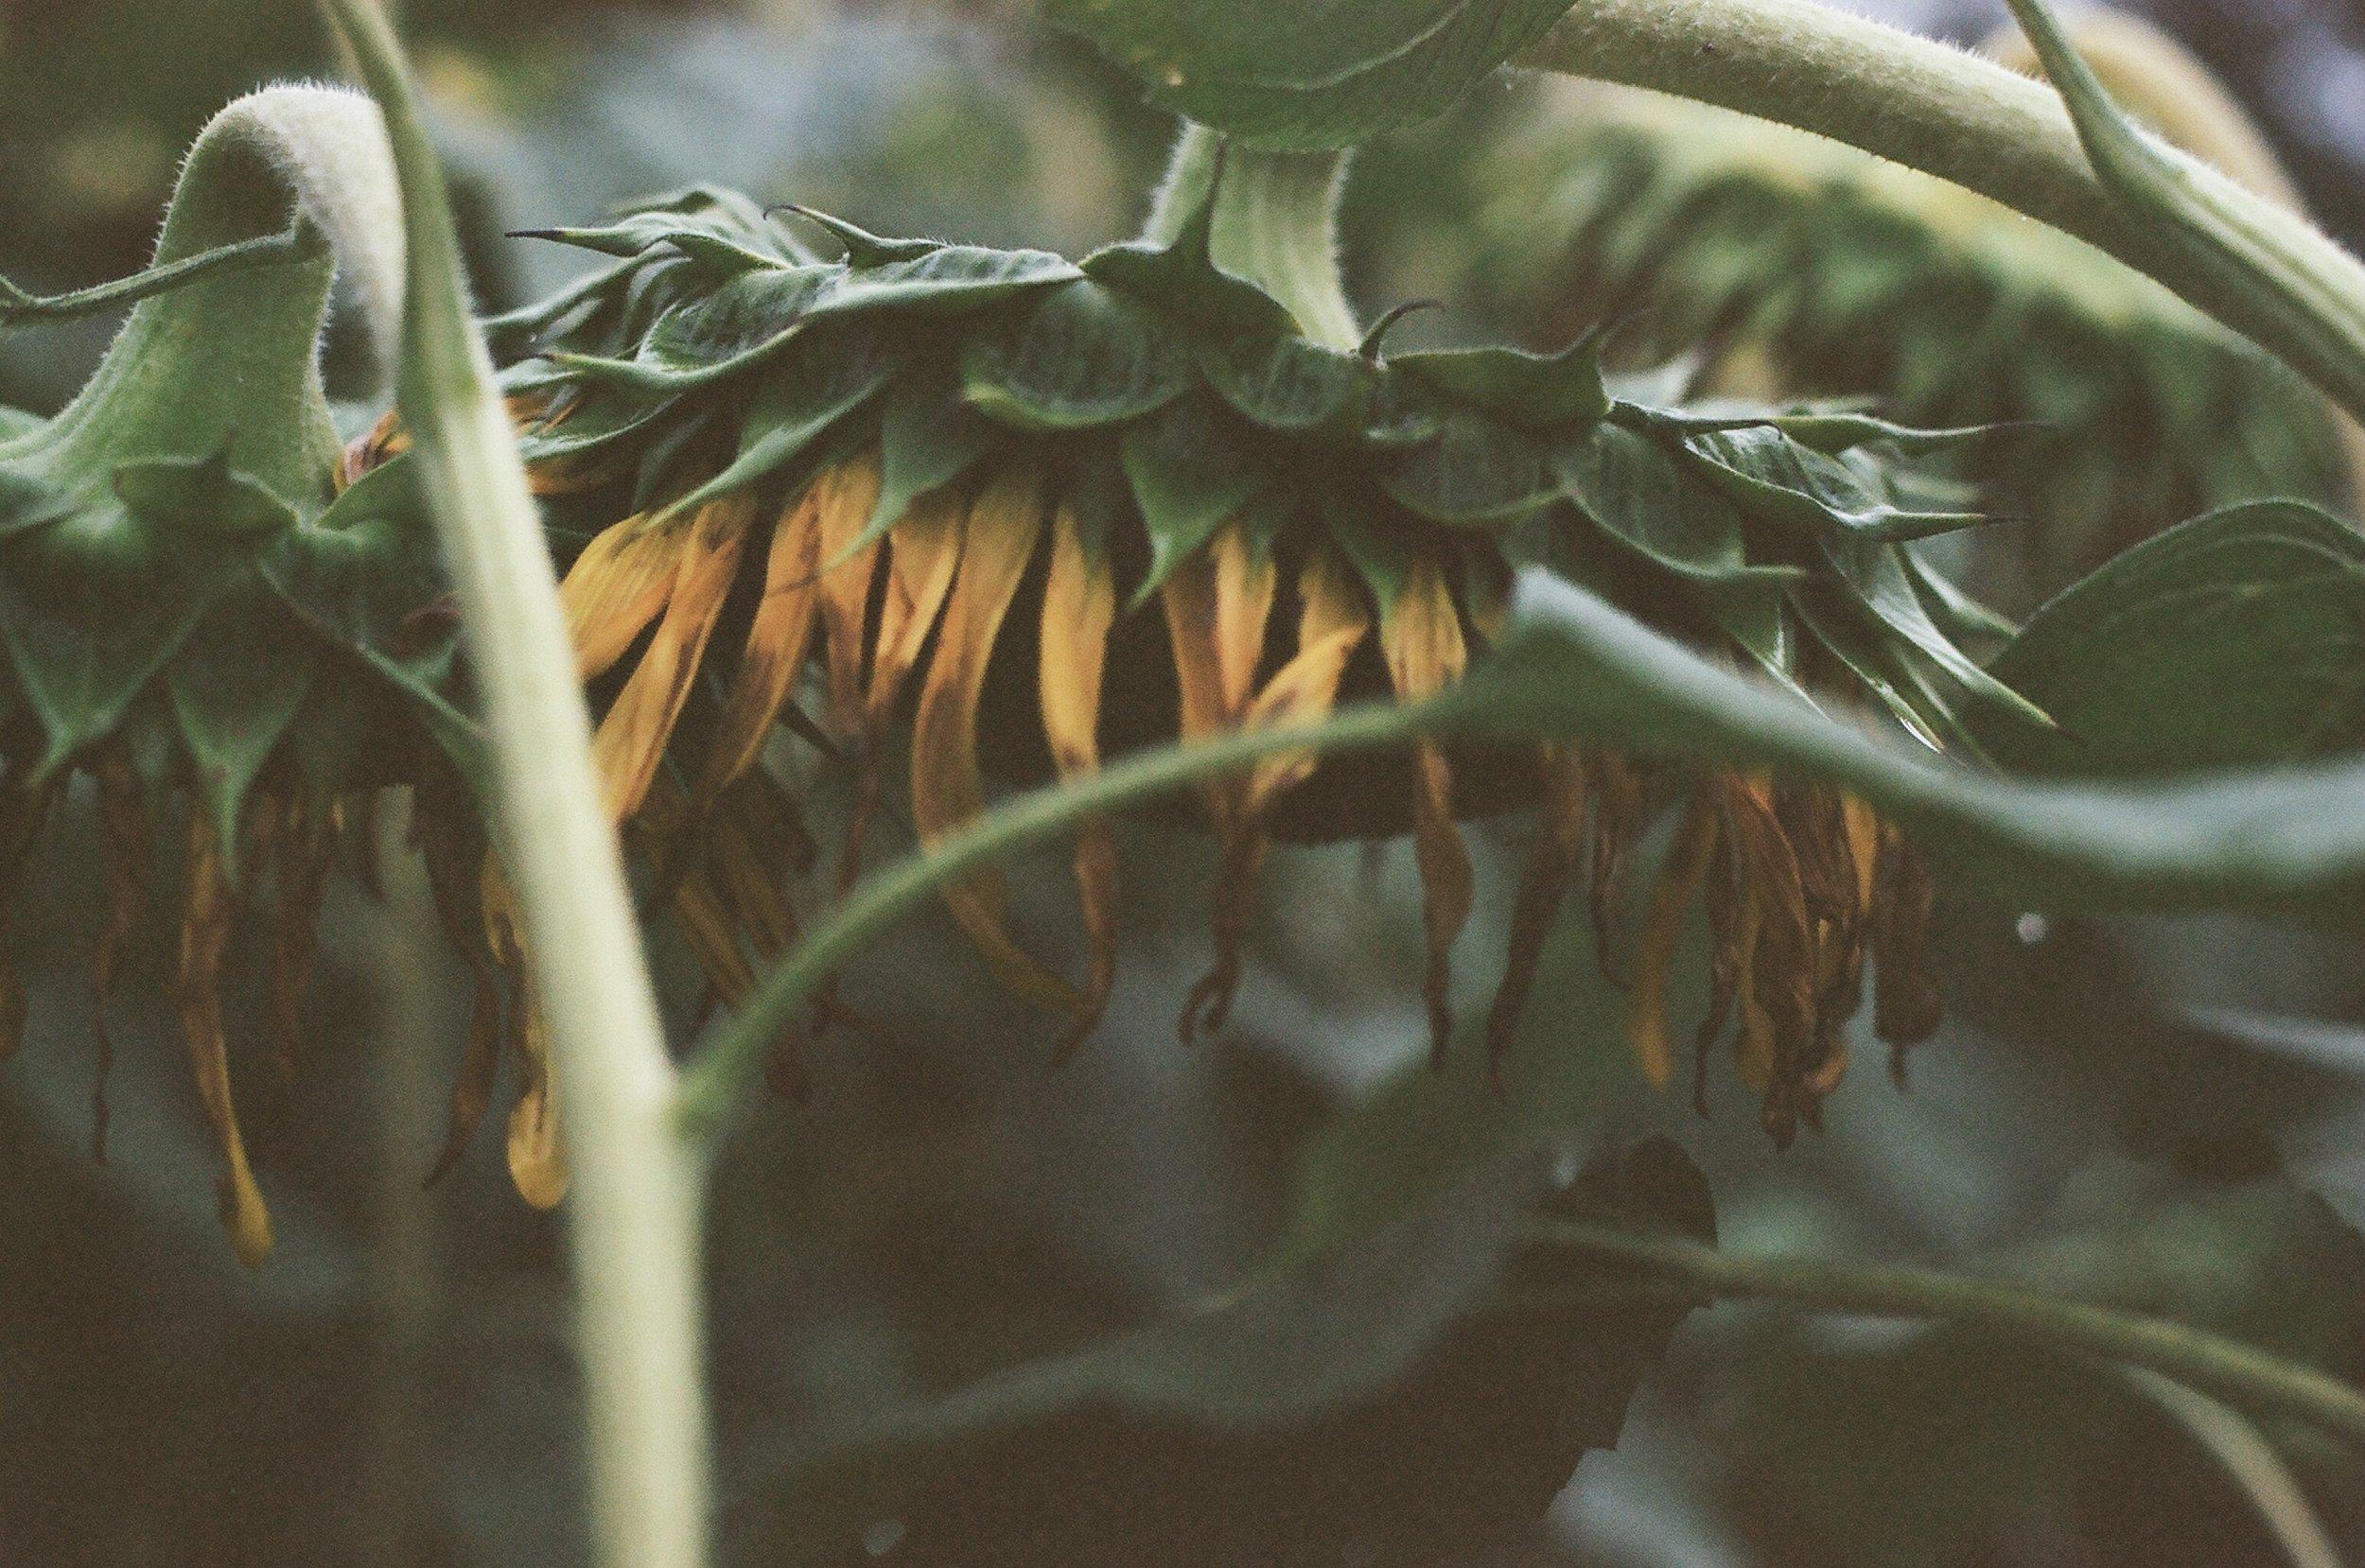 Sunflowers #007